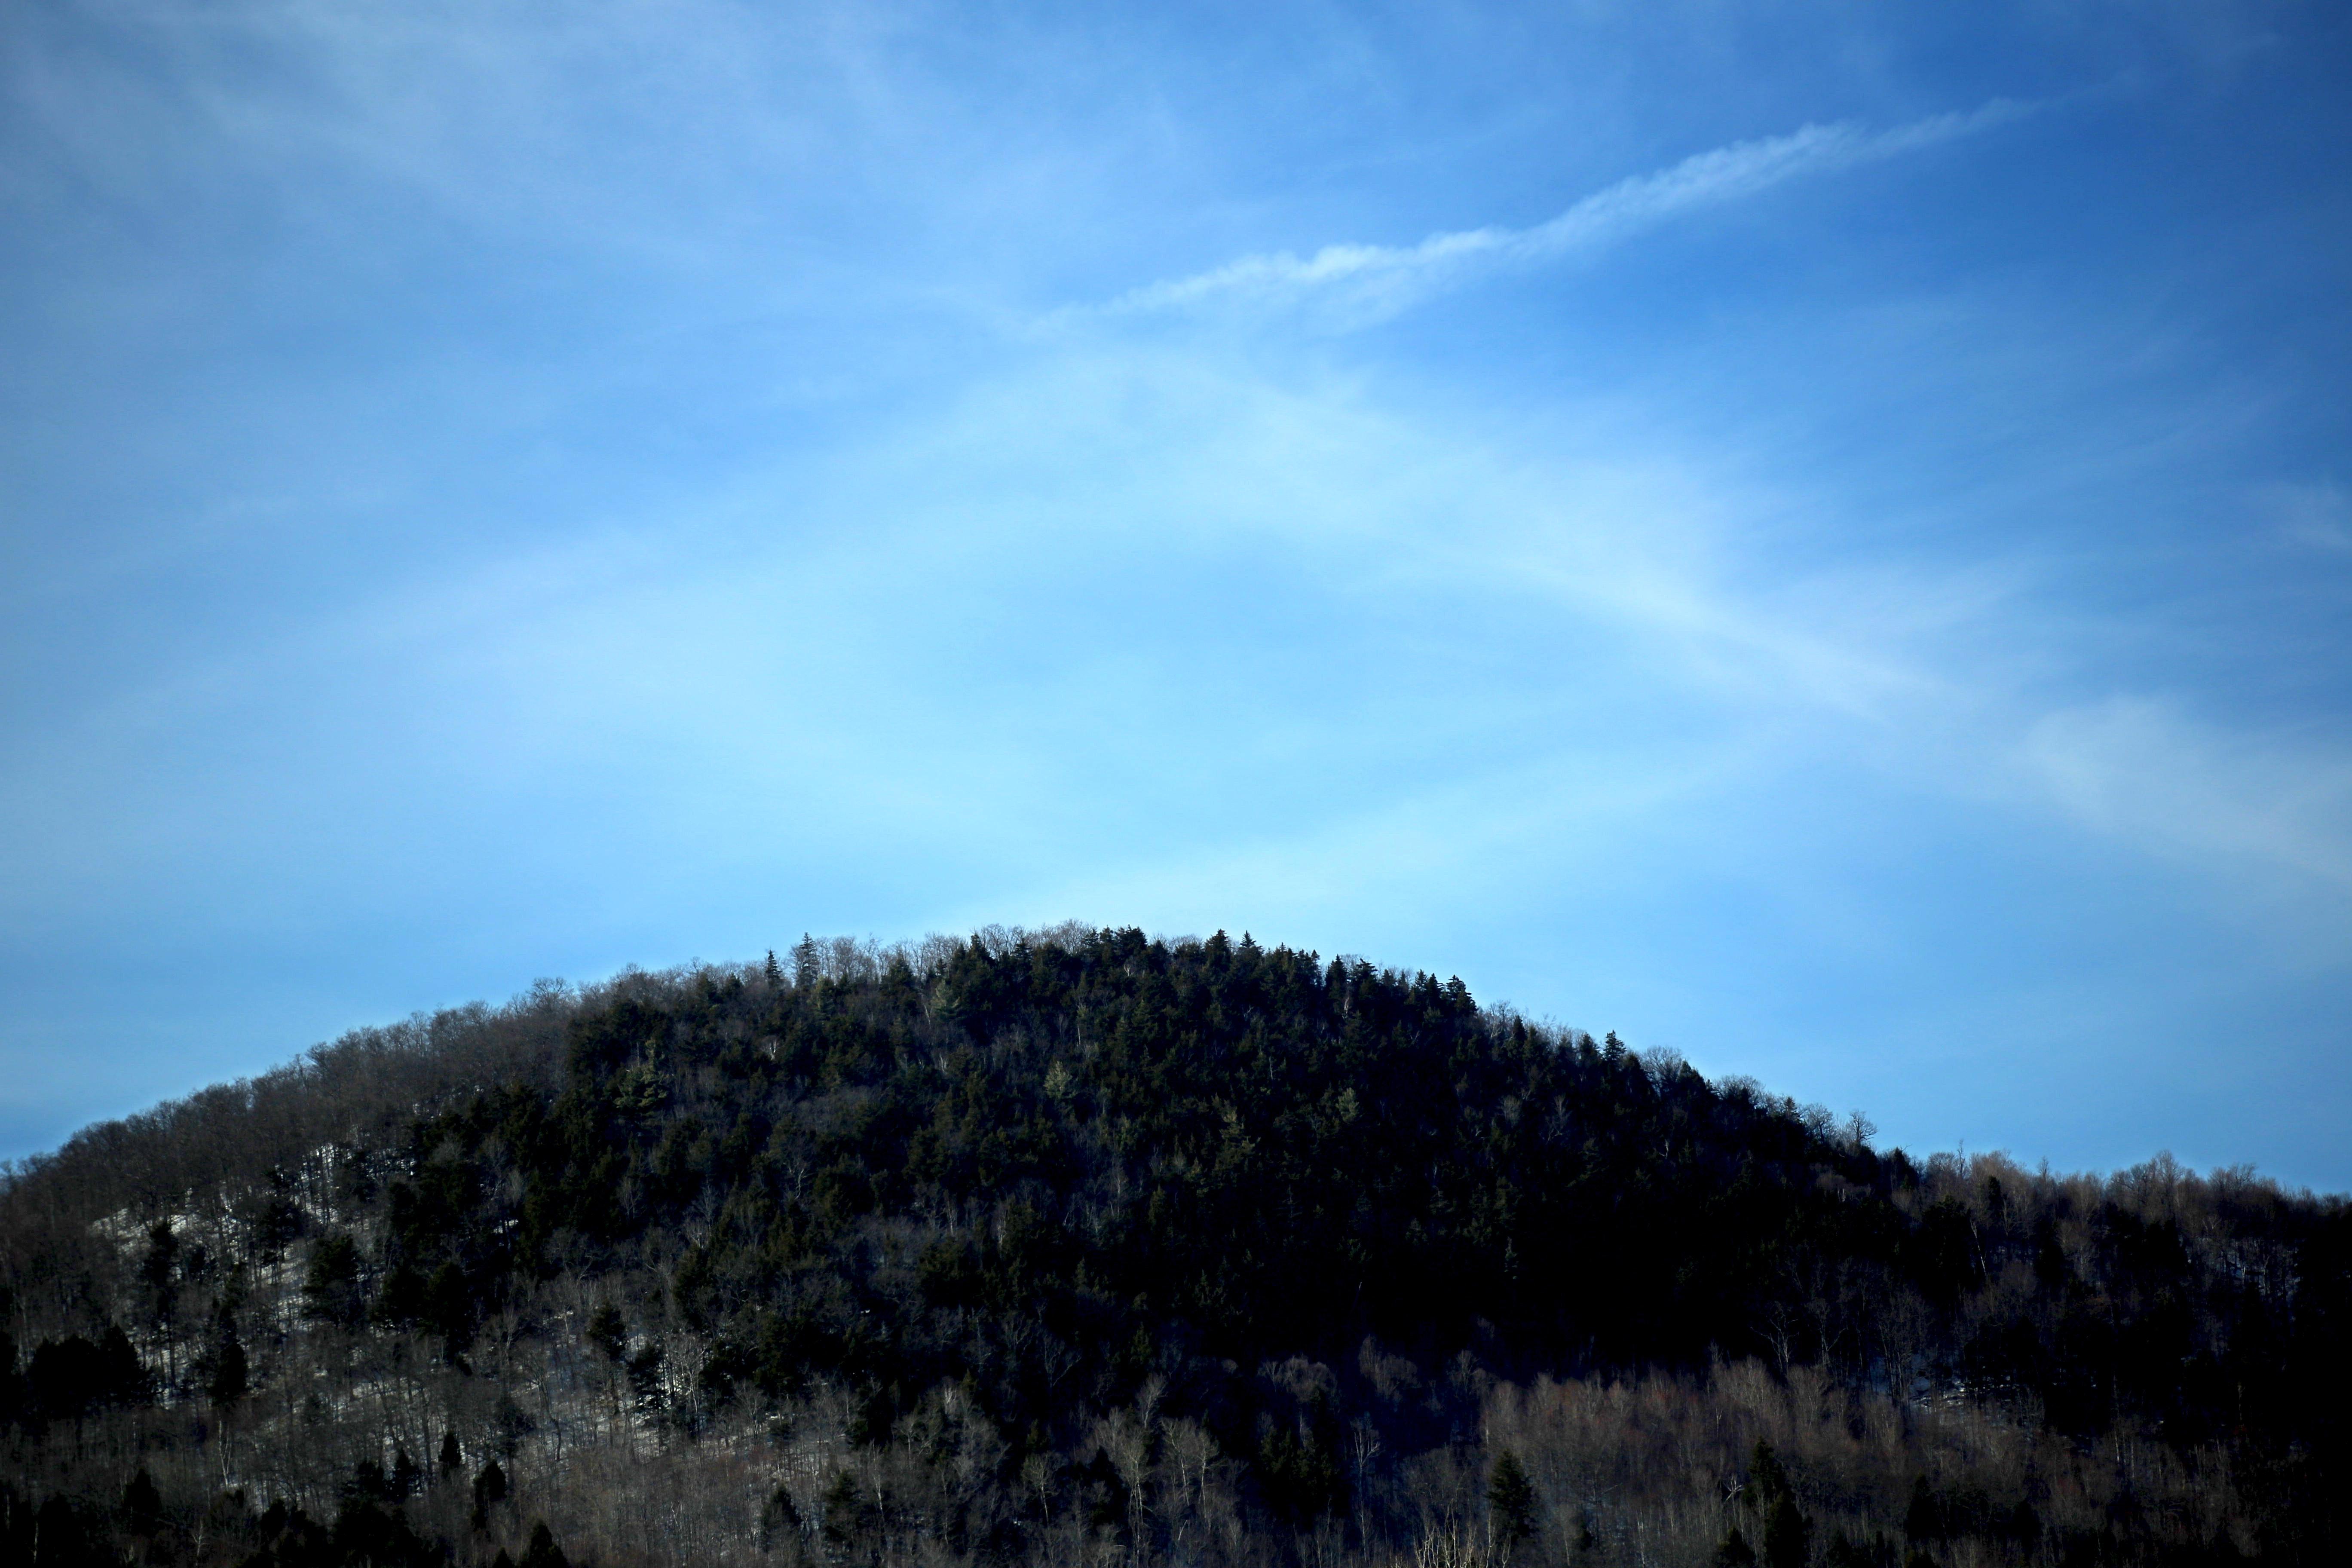 Black mountain during daytime photo